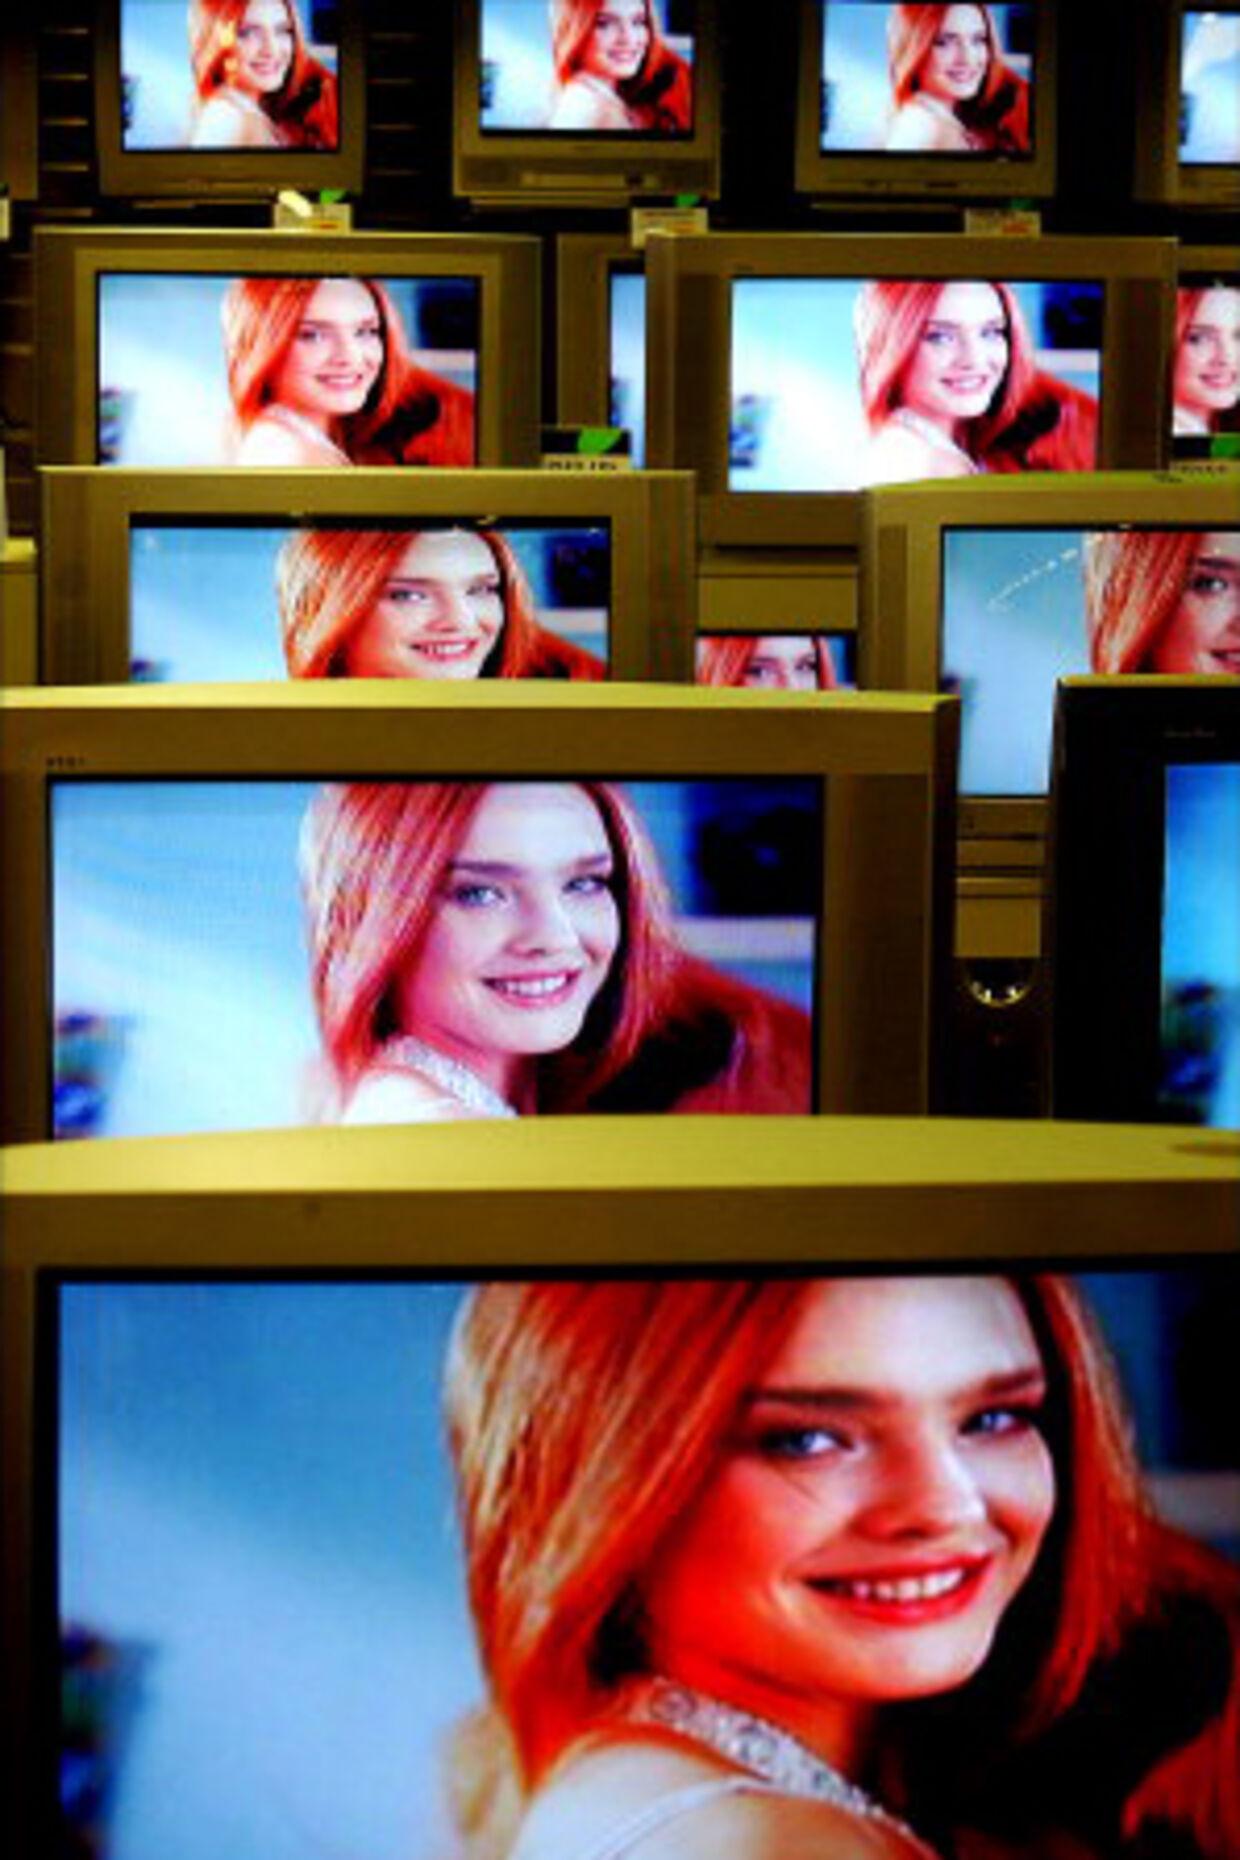 Internettets båndbredde er nu blevet så stor, så man kan se tv over internettet – og man kan se det på det gamle fjernsyn, det kræver bare et kabel fra computeren.